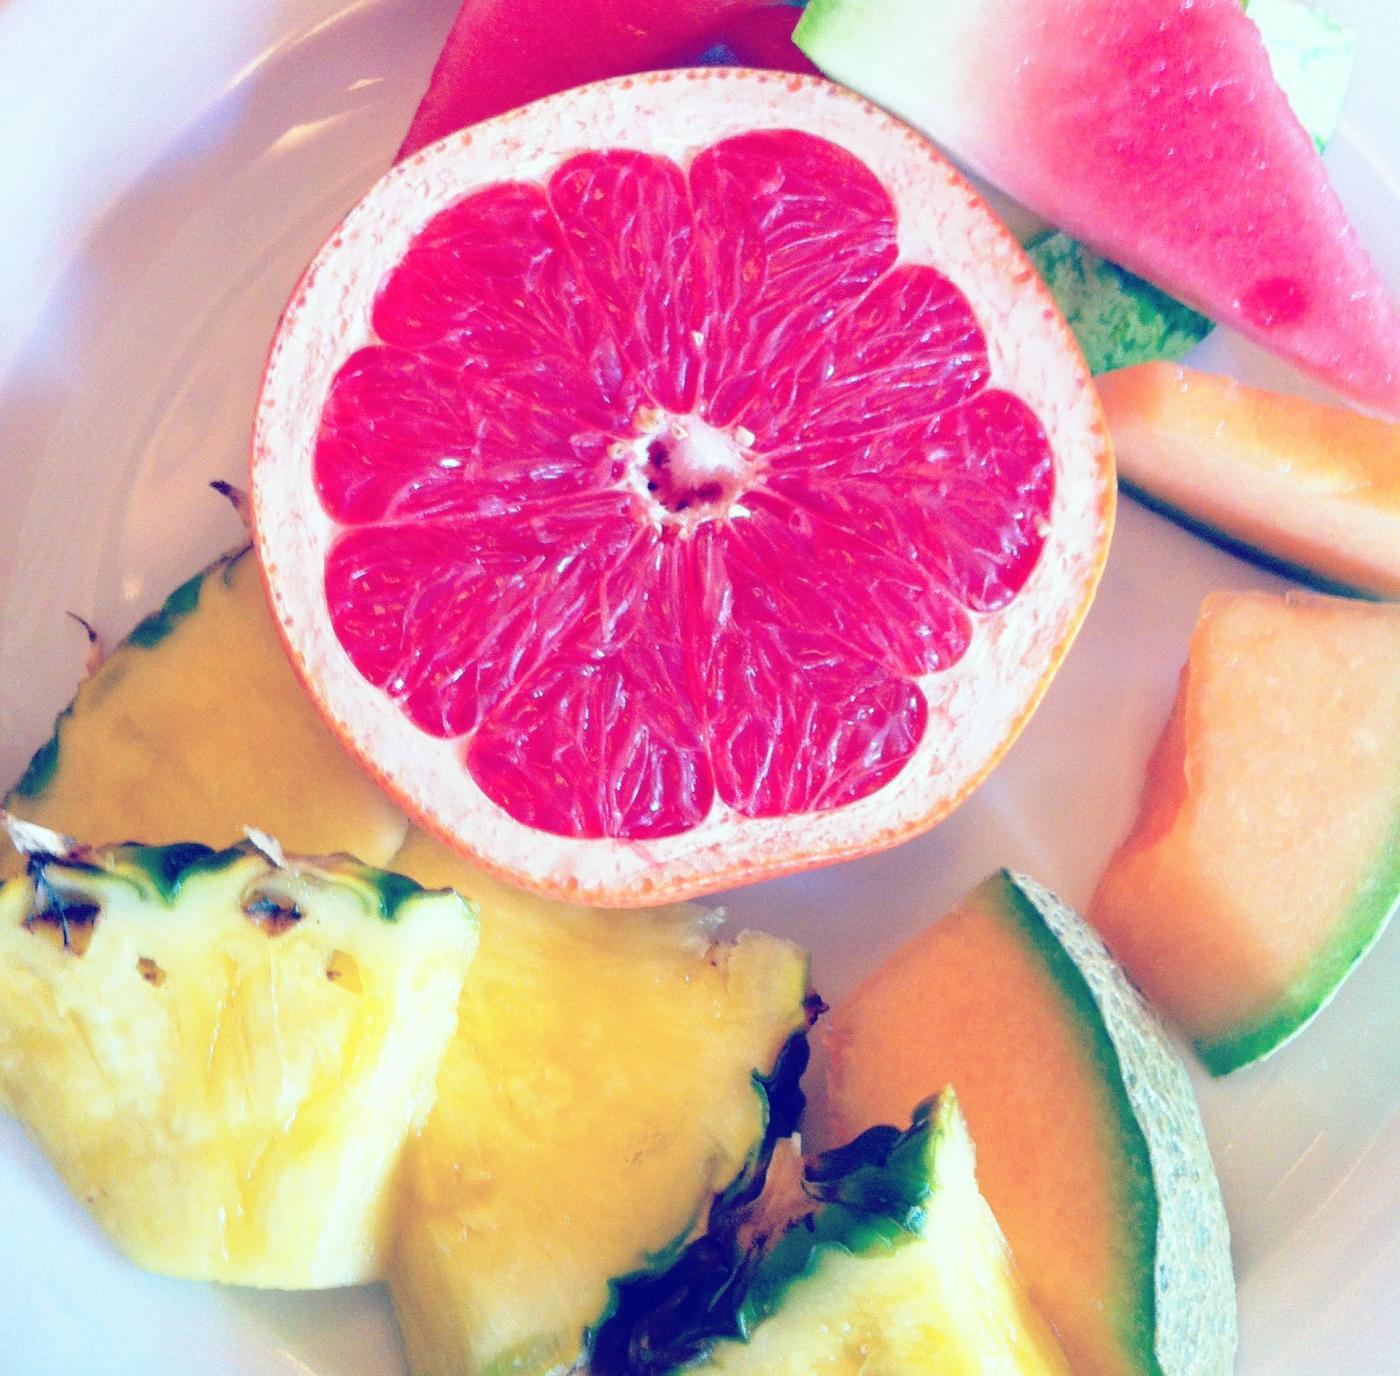 kuvafruit.jpg